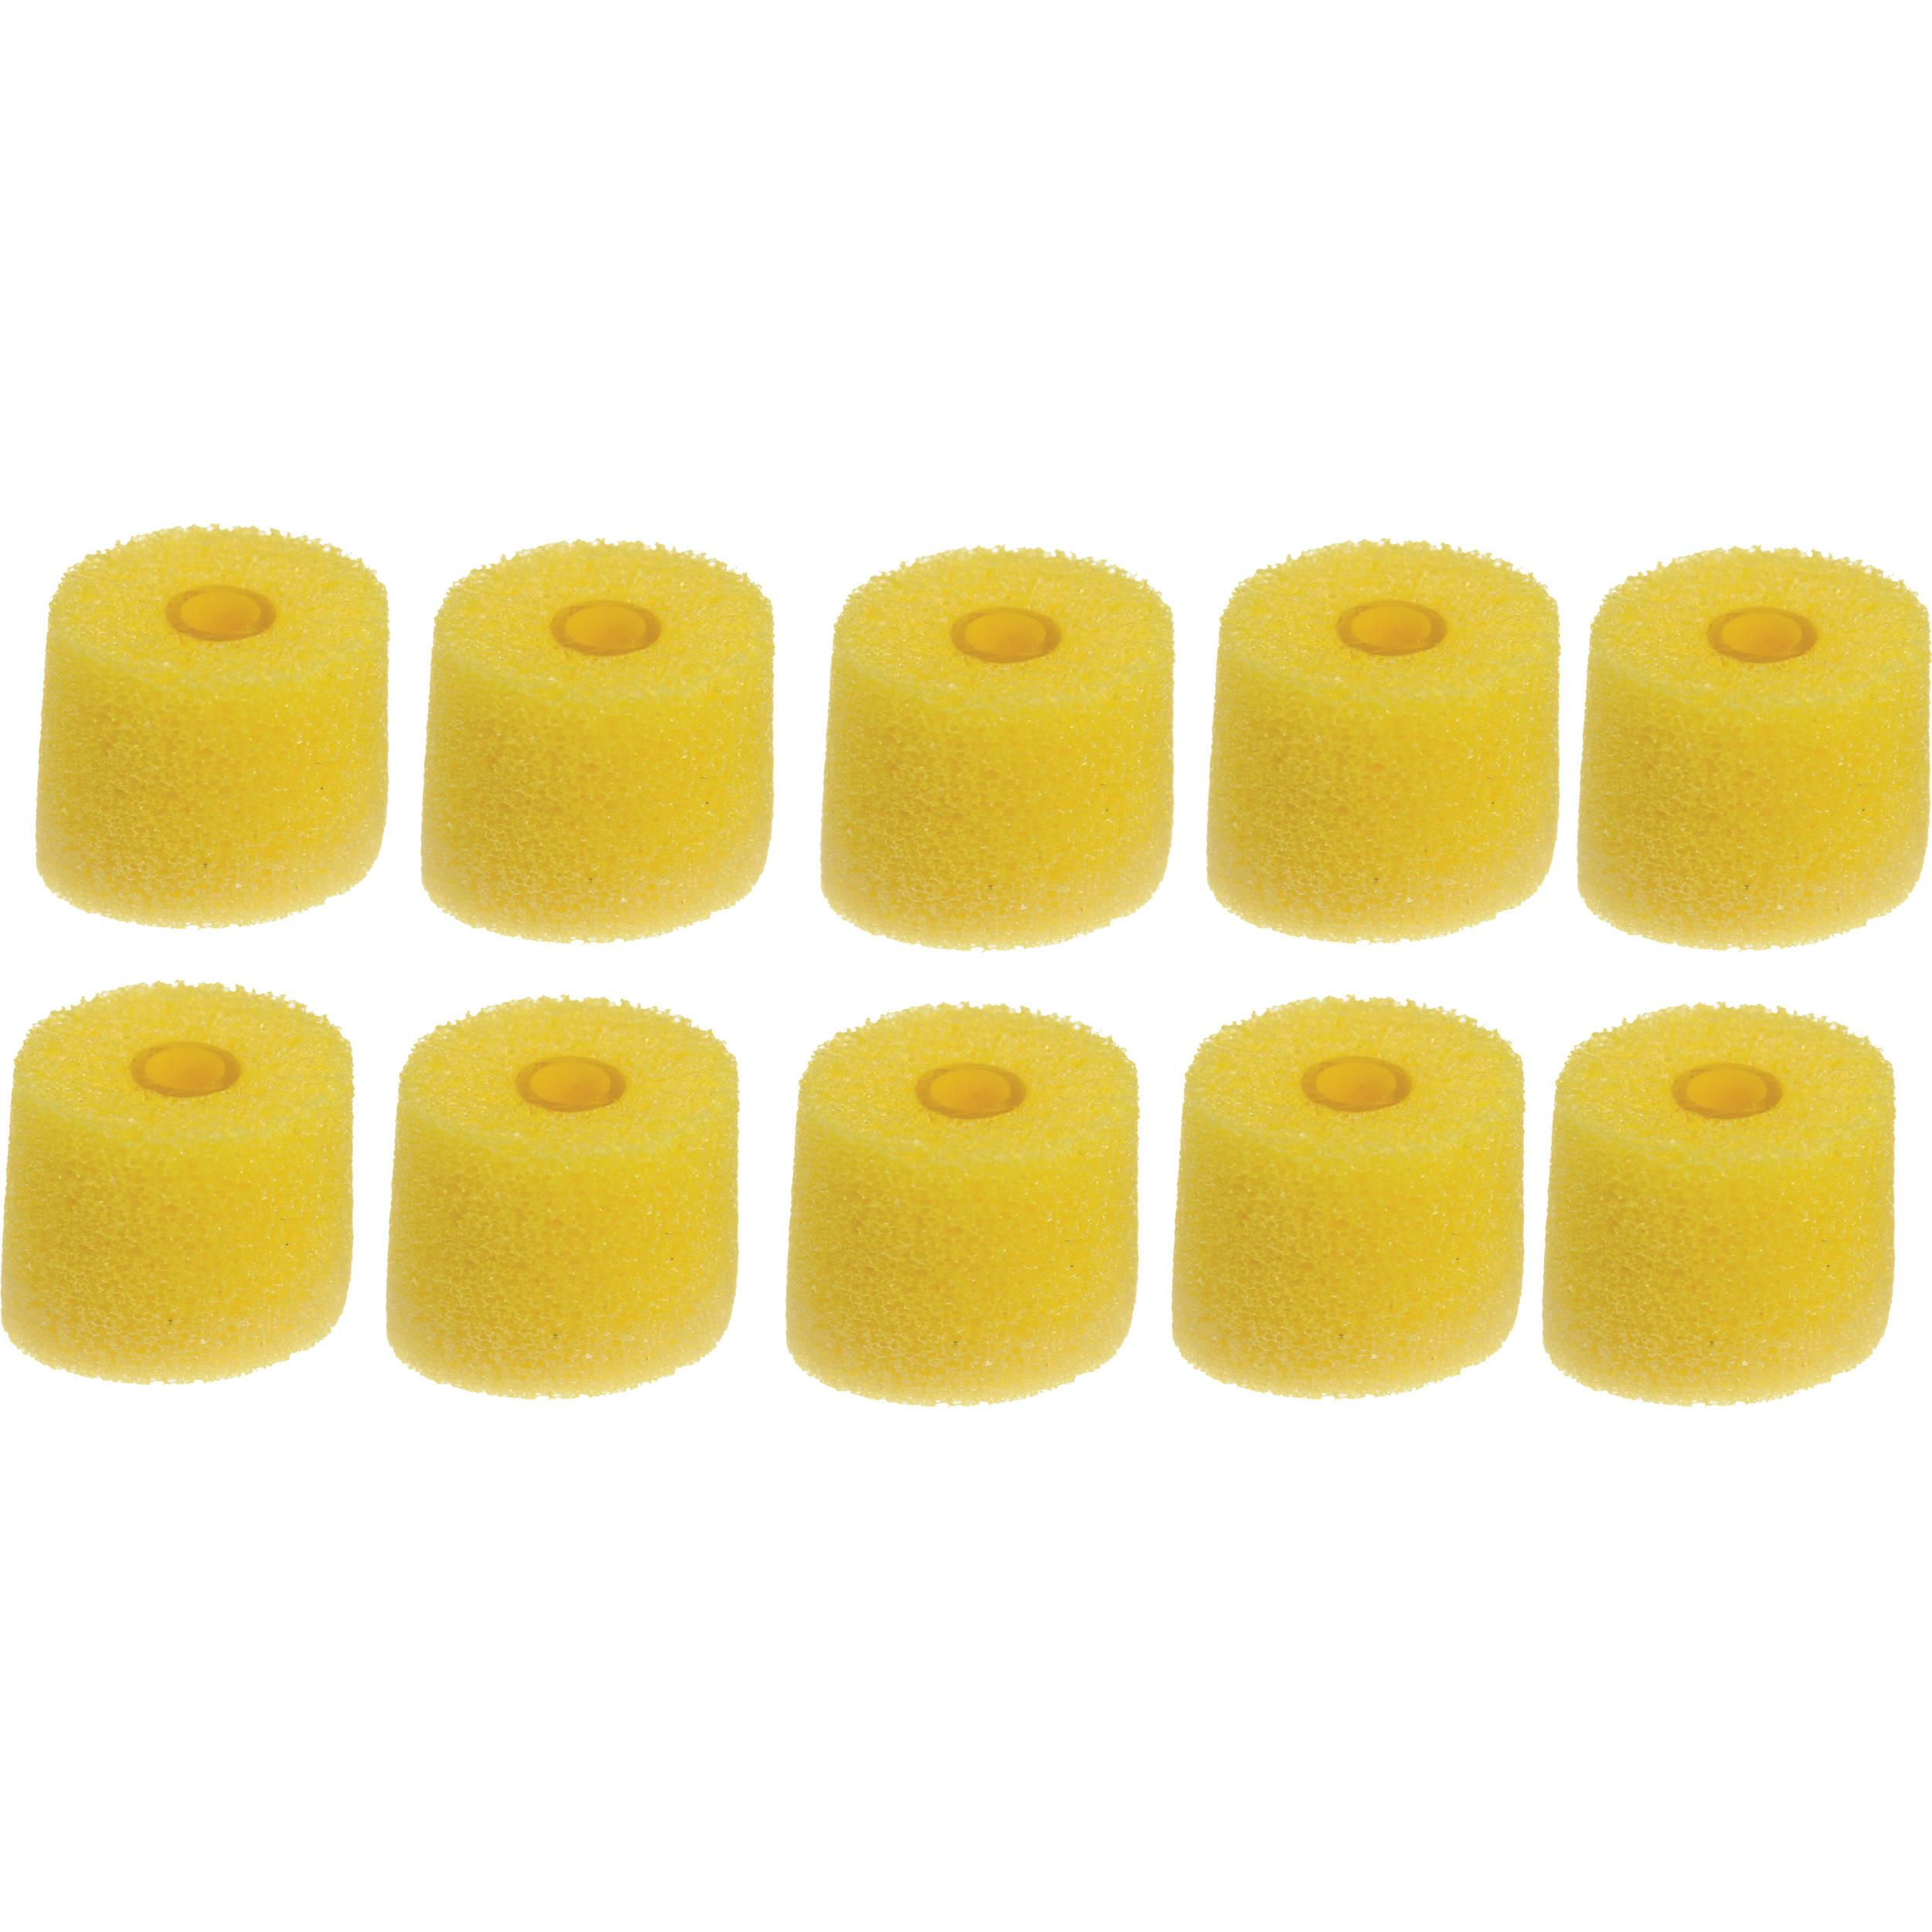 Shure Yellow Foam Sleeves - 5 Pair